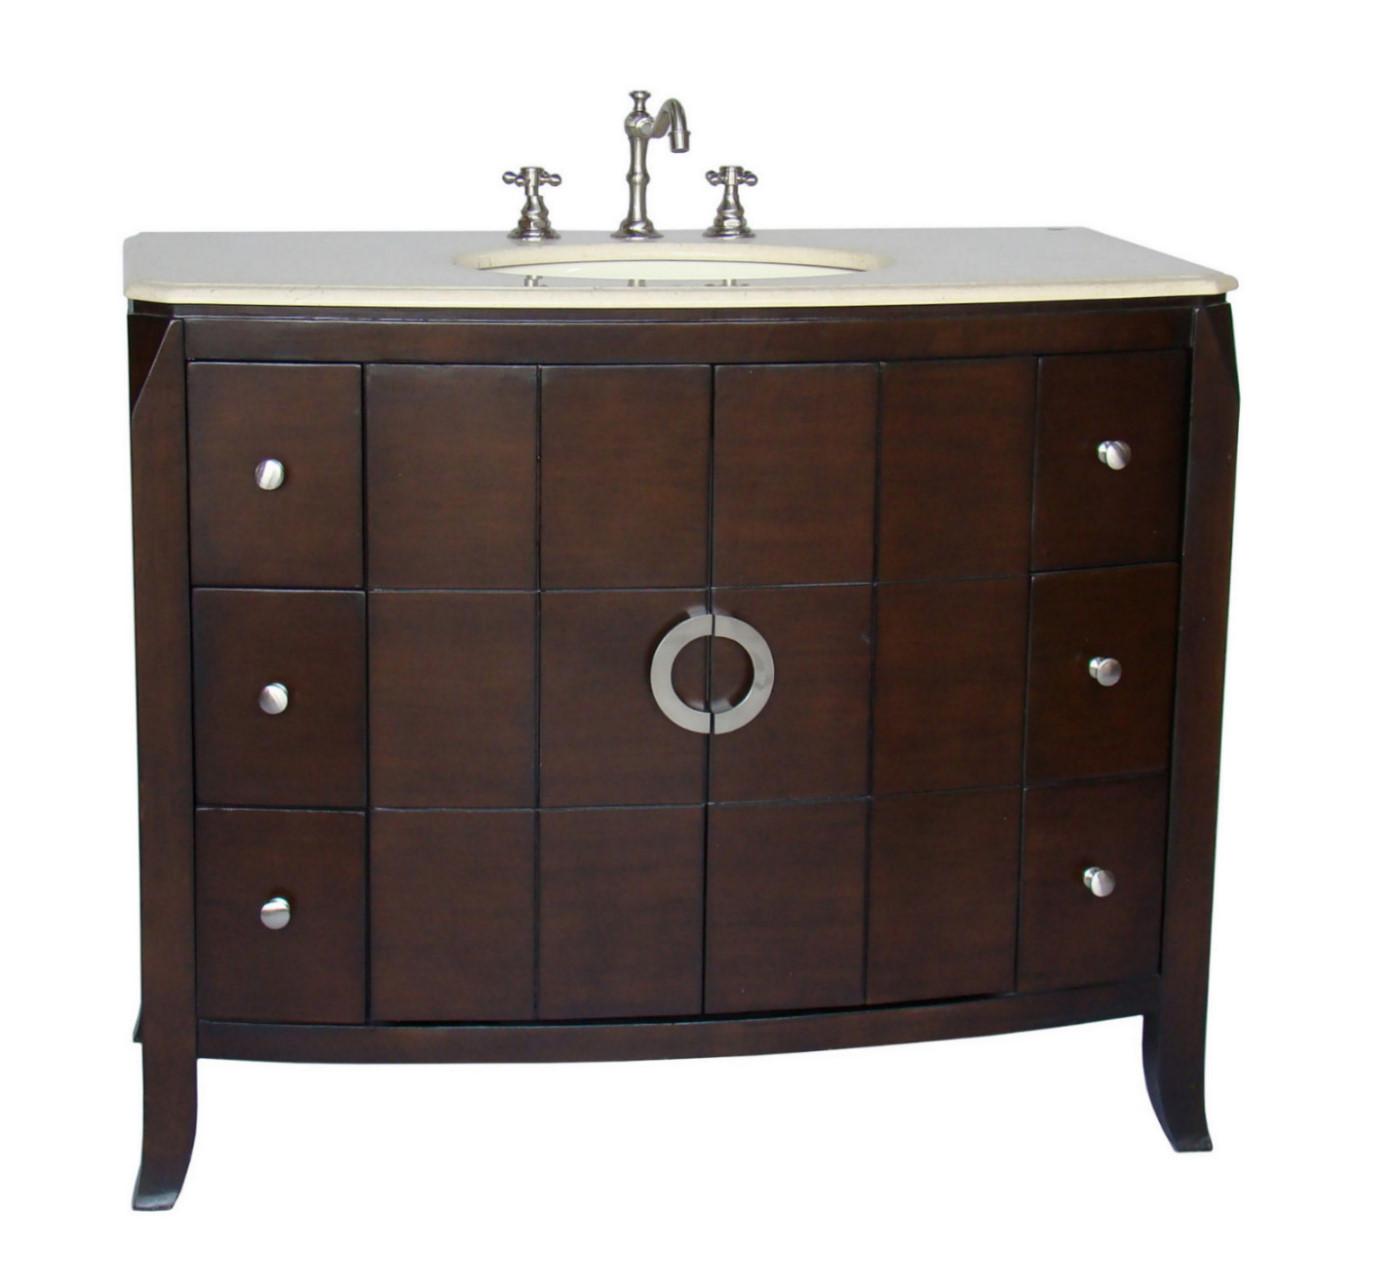 30 Inch To 48 Inch Vanities Single Bathroom Vanities